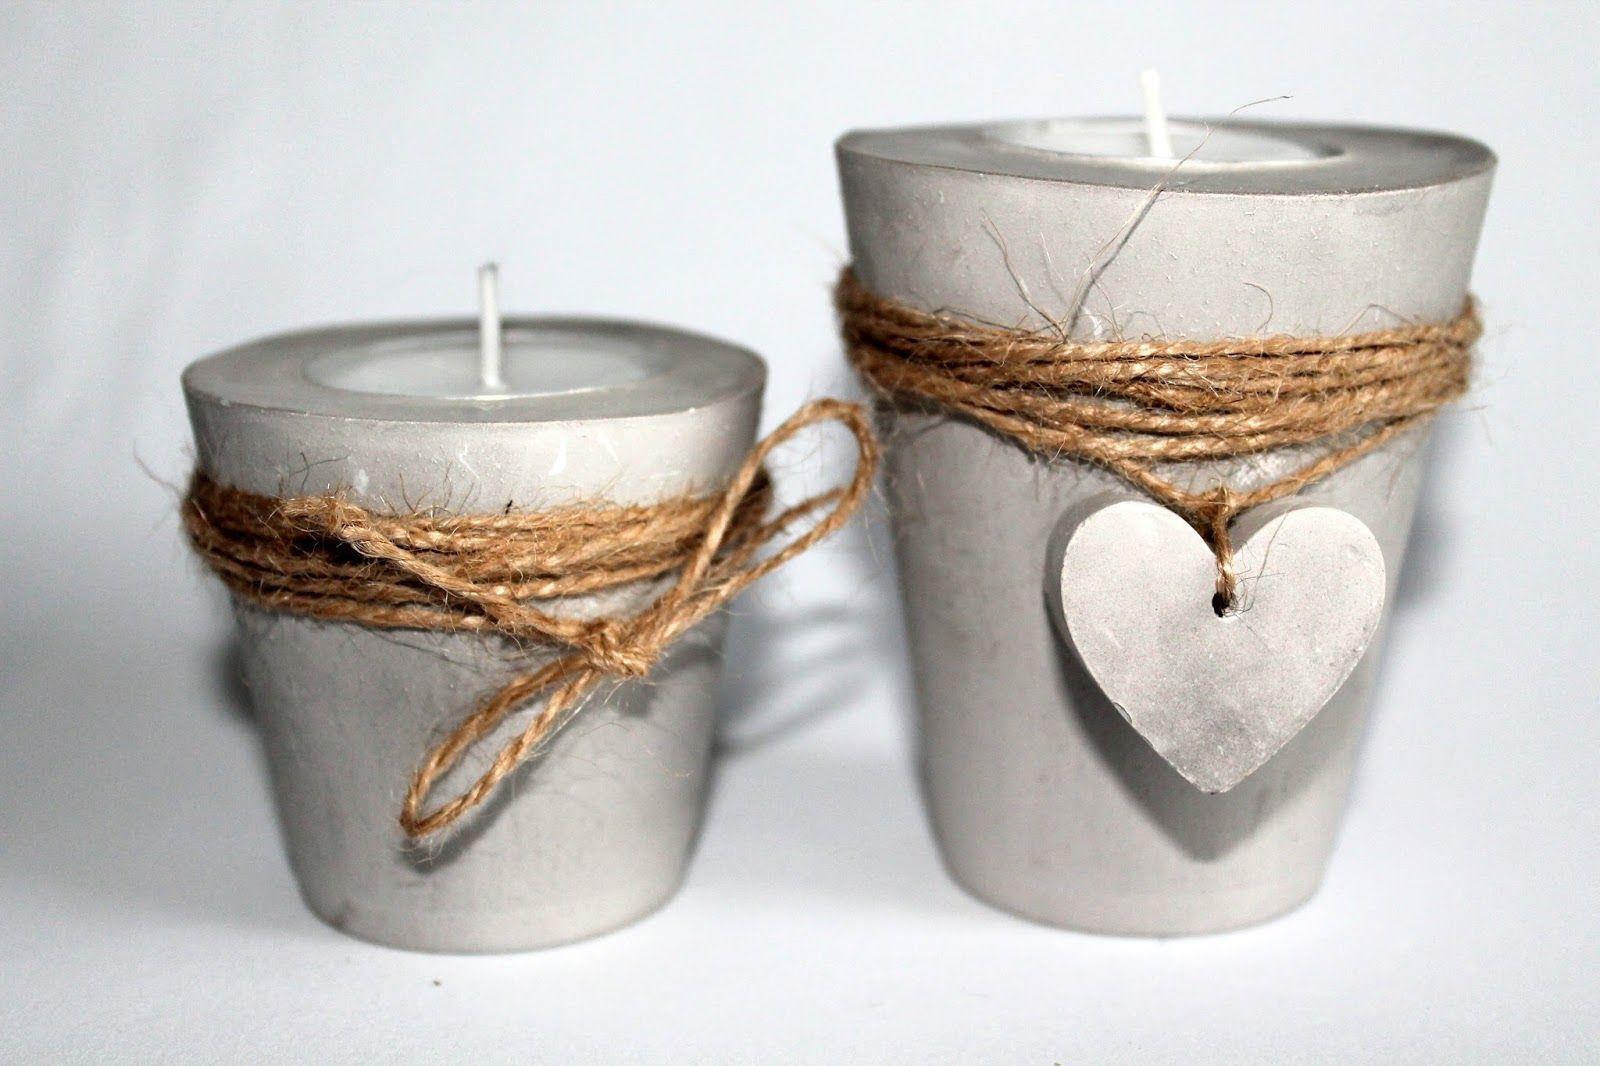 Diy Gips Beton Teelichthalter Mit Einem Herz Einfach Selber Machen Selber Machen Mit Beton Teelichthalter Basteln Mit Beton